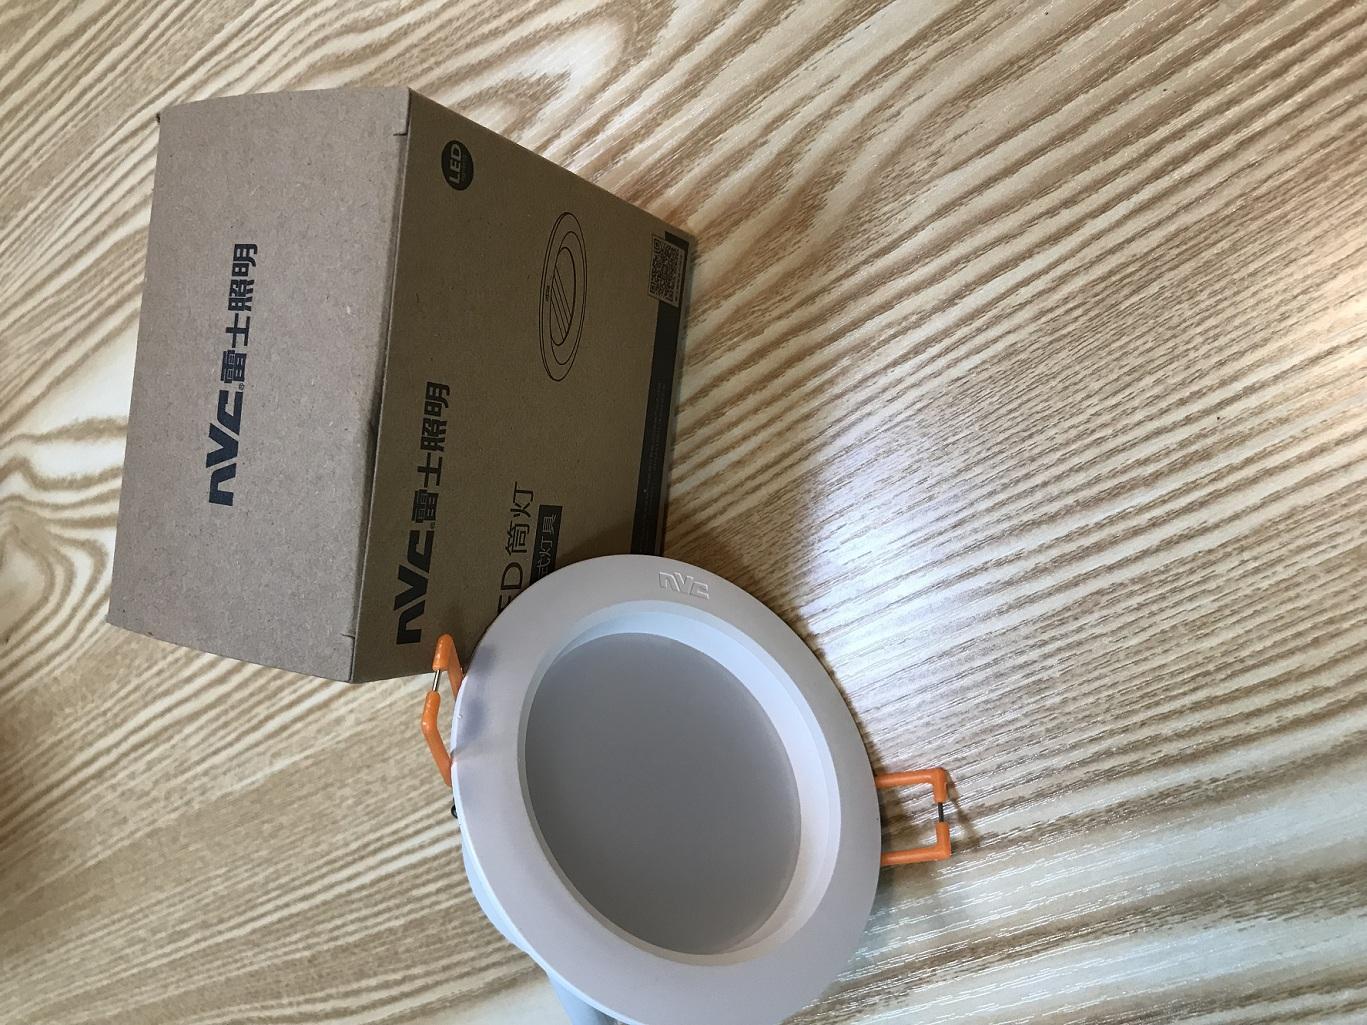 雷士伯克麗:一元搶購雷士LED筒燈.jpg